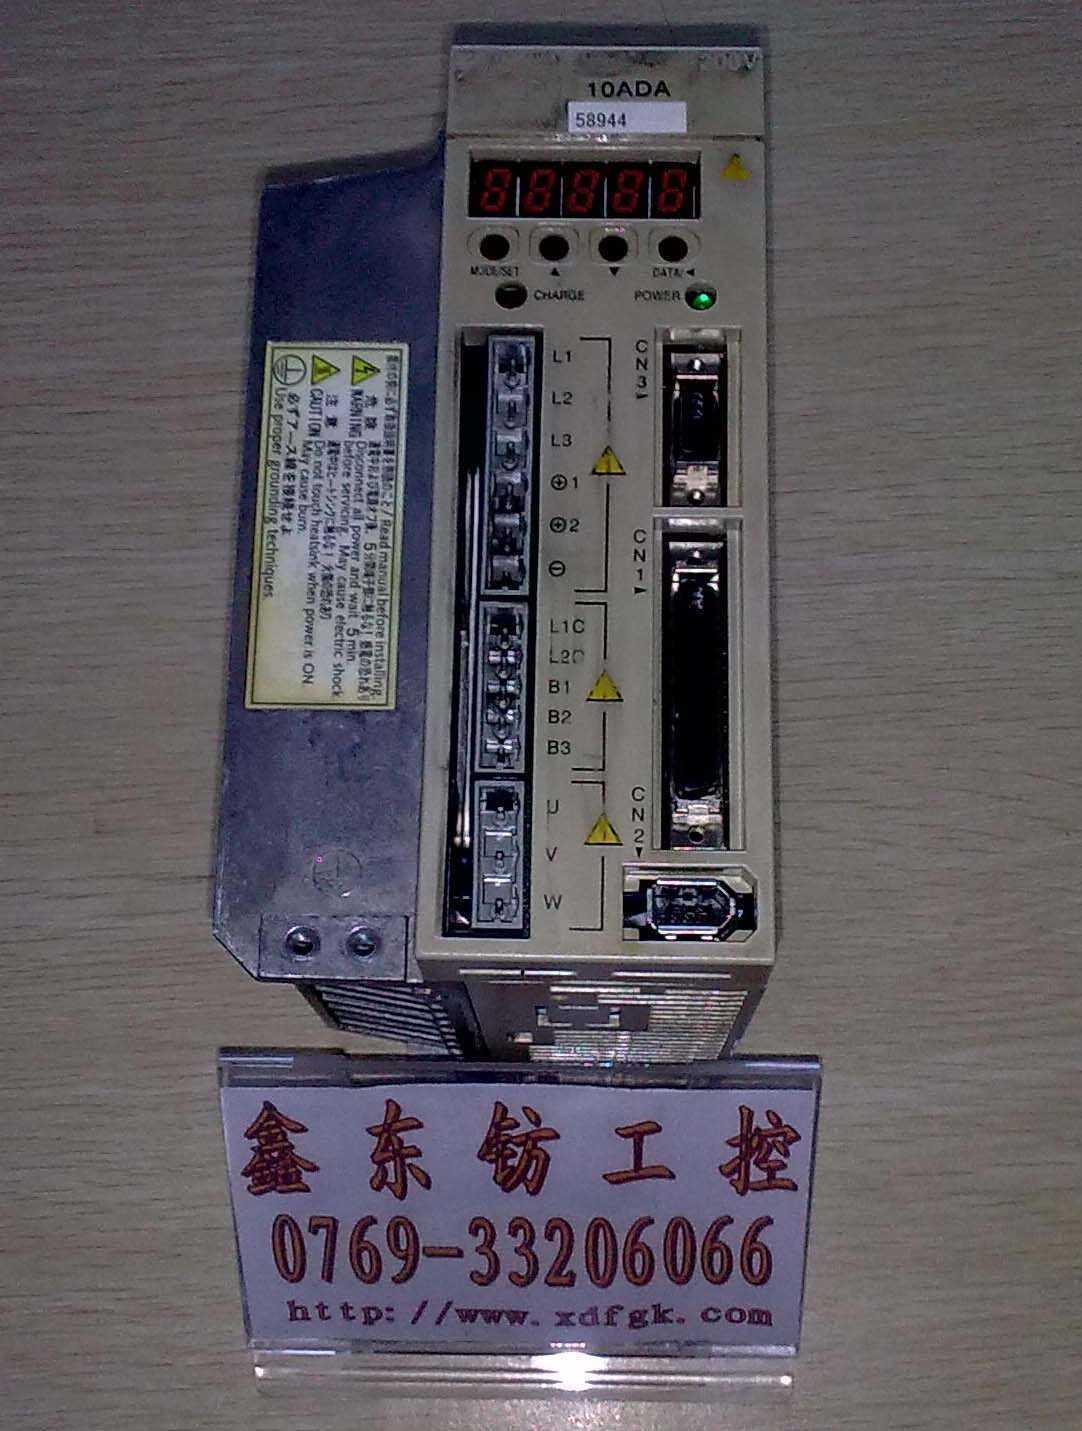 深圳佛山西门子电源安川SGDM-10ADA伺服驱动器维修等维修服务,东莞市鑫东钫工控设备有限公司